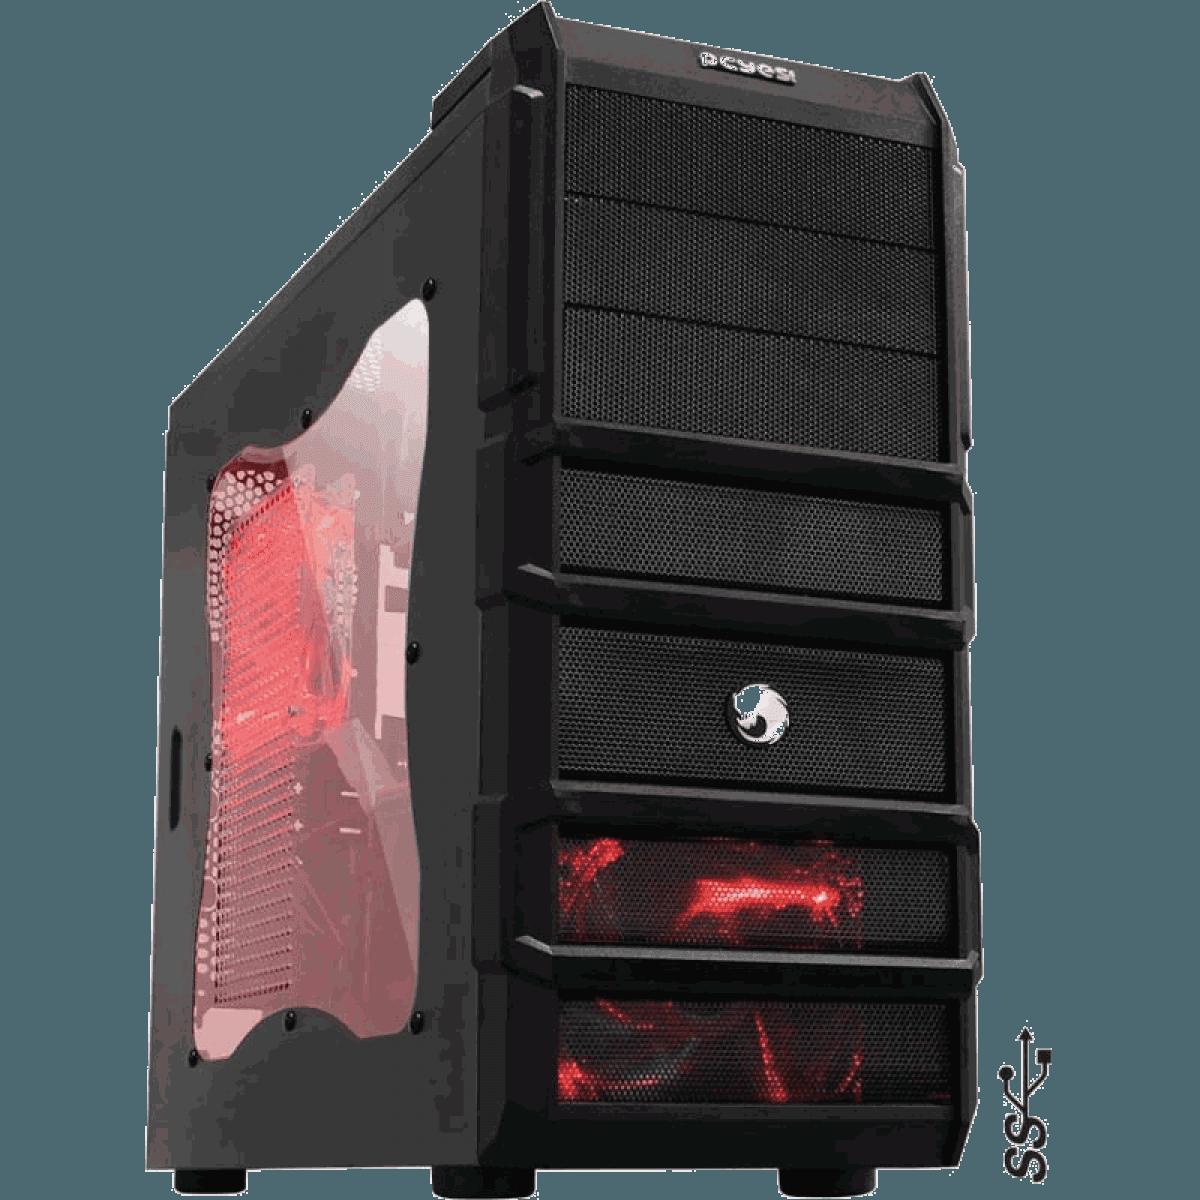 Computador Gamer - Intel Core i5-6400 6° Geração, 8GB Hyper-X DDR4, Placa Mae H110M, HD de 1TB, Placa de Vídeo GTX1060 3GB, Fonte 500W Real *